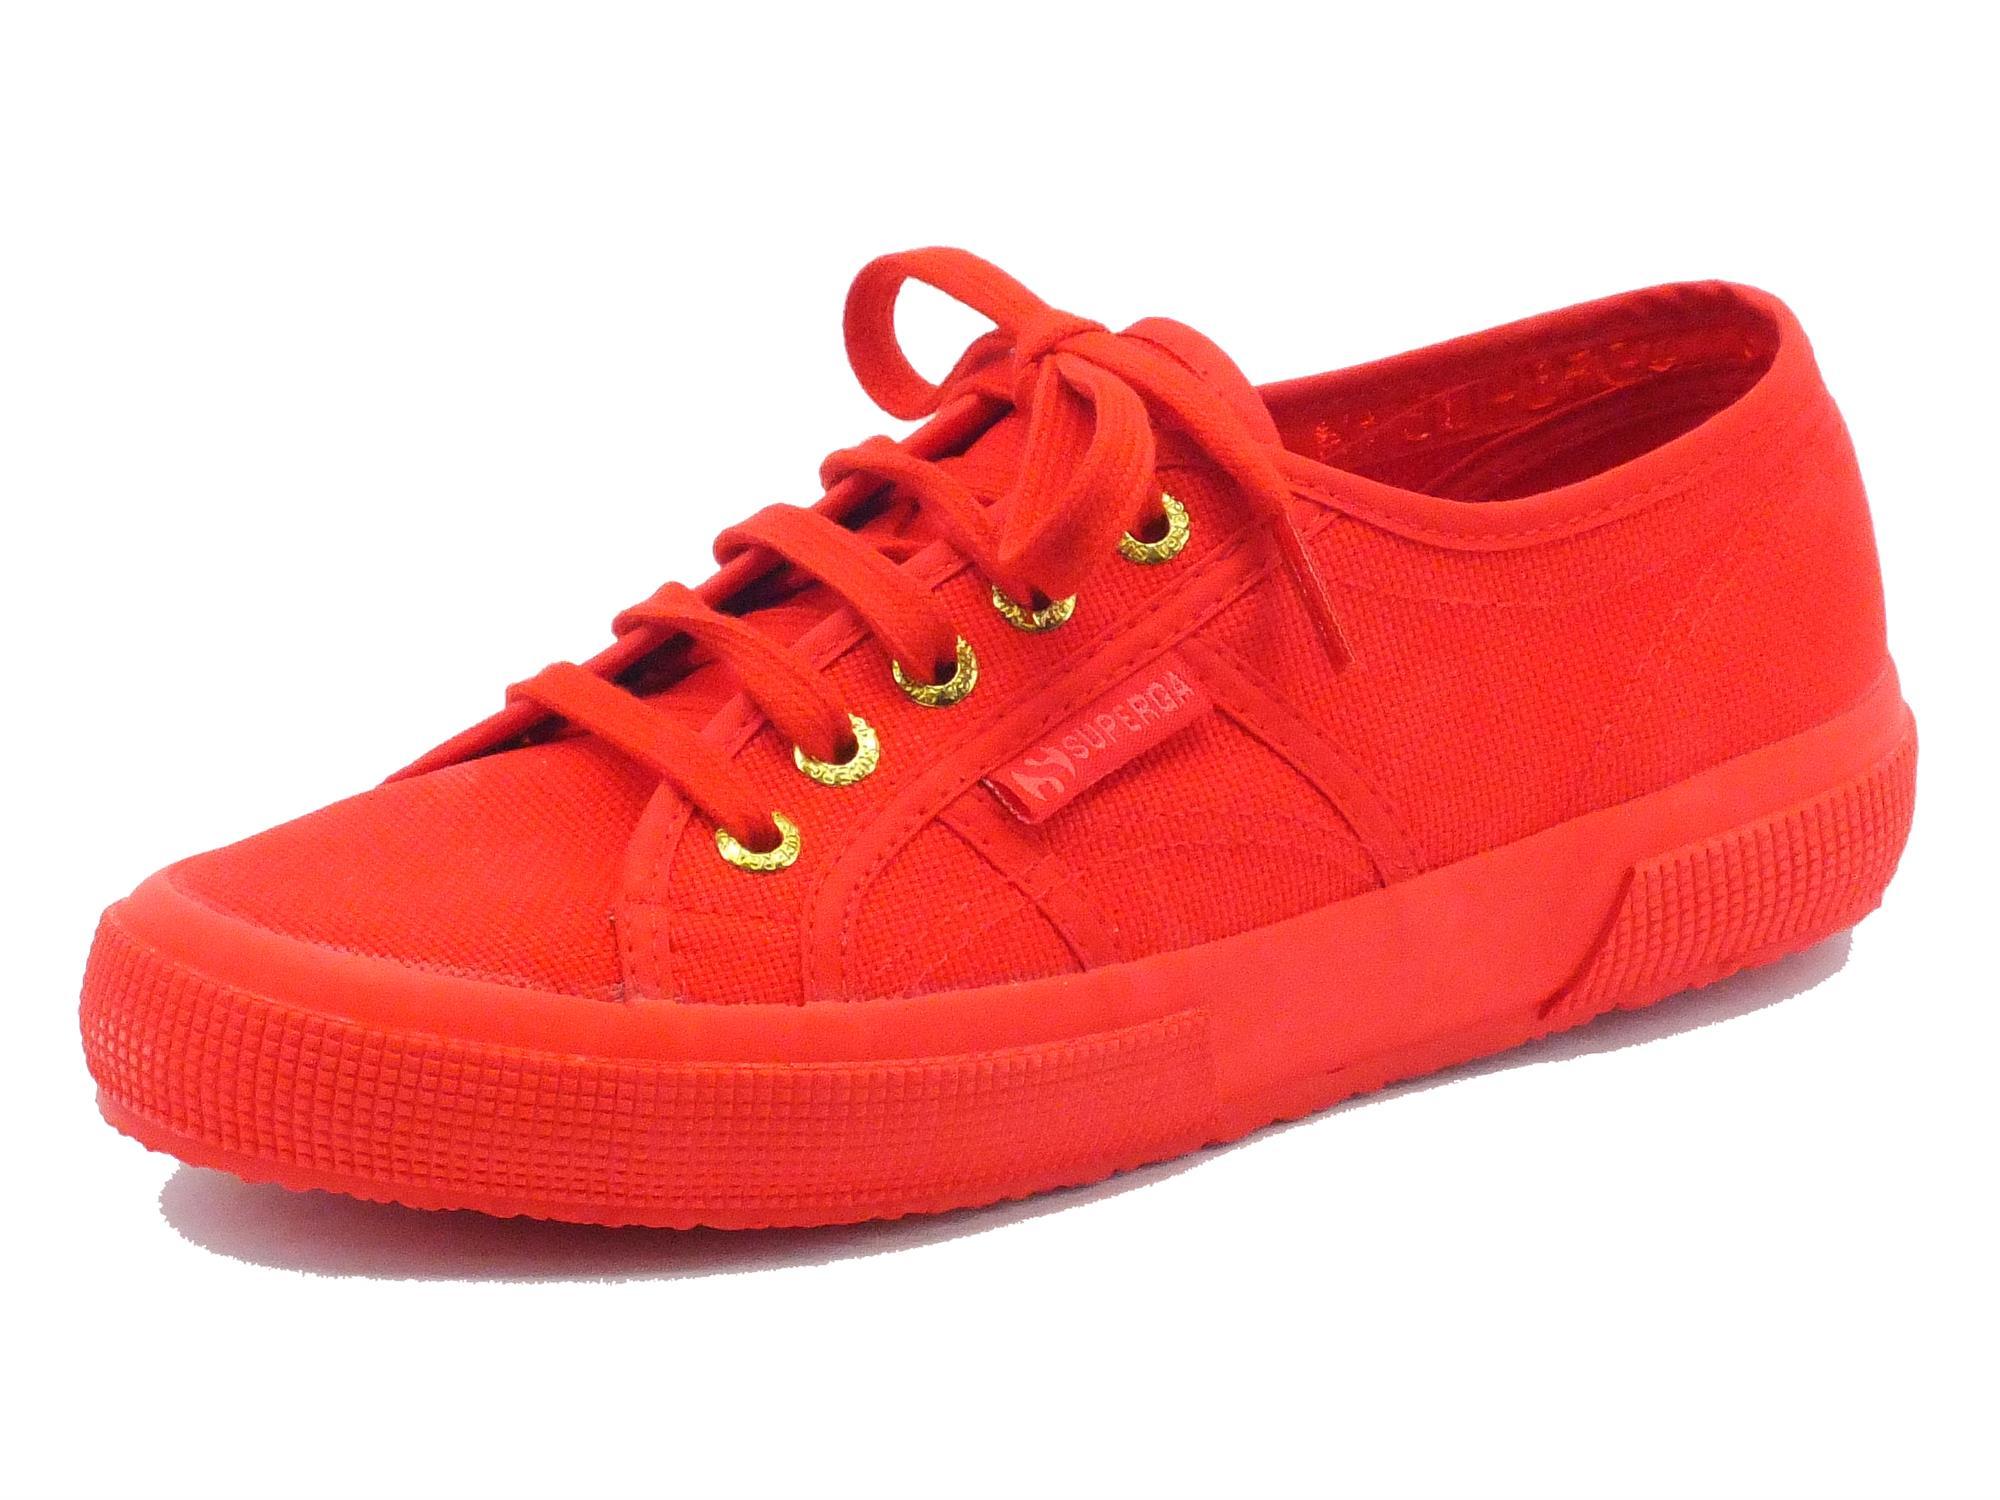 Scarpe sportive Superga donna colore rosso - Vitiello Calzature a9be98ff8c2